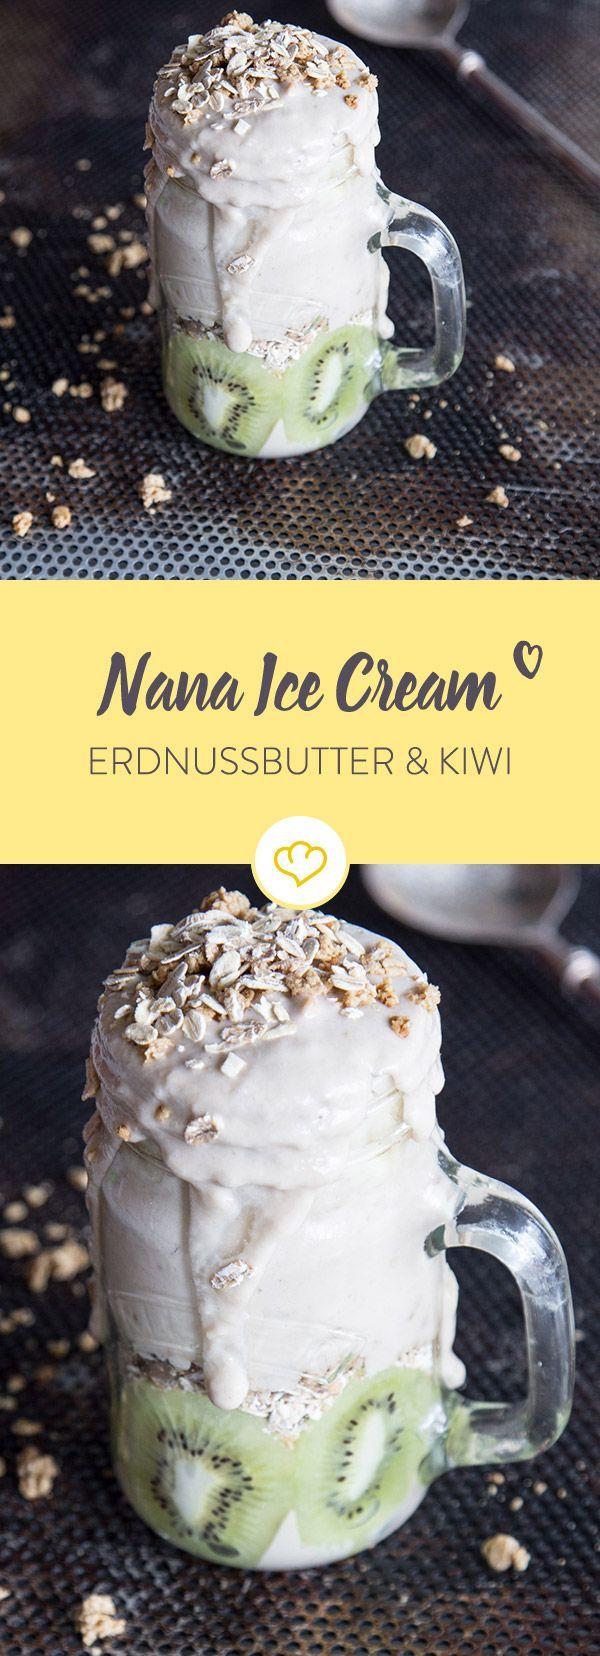 Ein Becher voll mit Nana Eis aus gefrorenen Bananen und Erdnussbutter. Dazu eine Schicht aus säuerlichen Kiwis und dem morgendlichen Lieblings-Knuspermüsli.